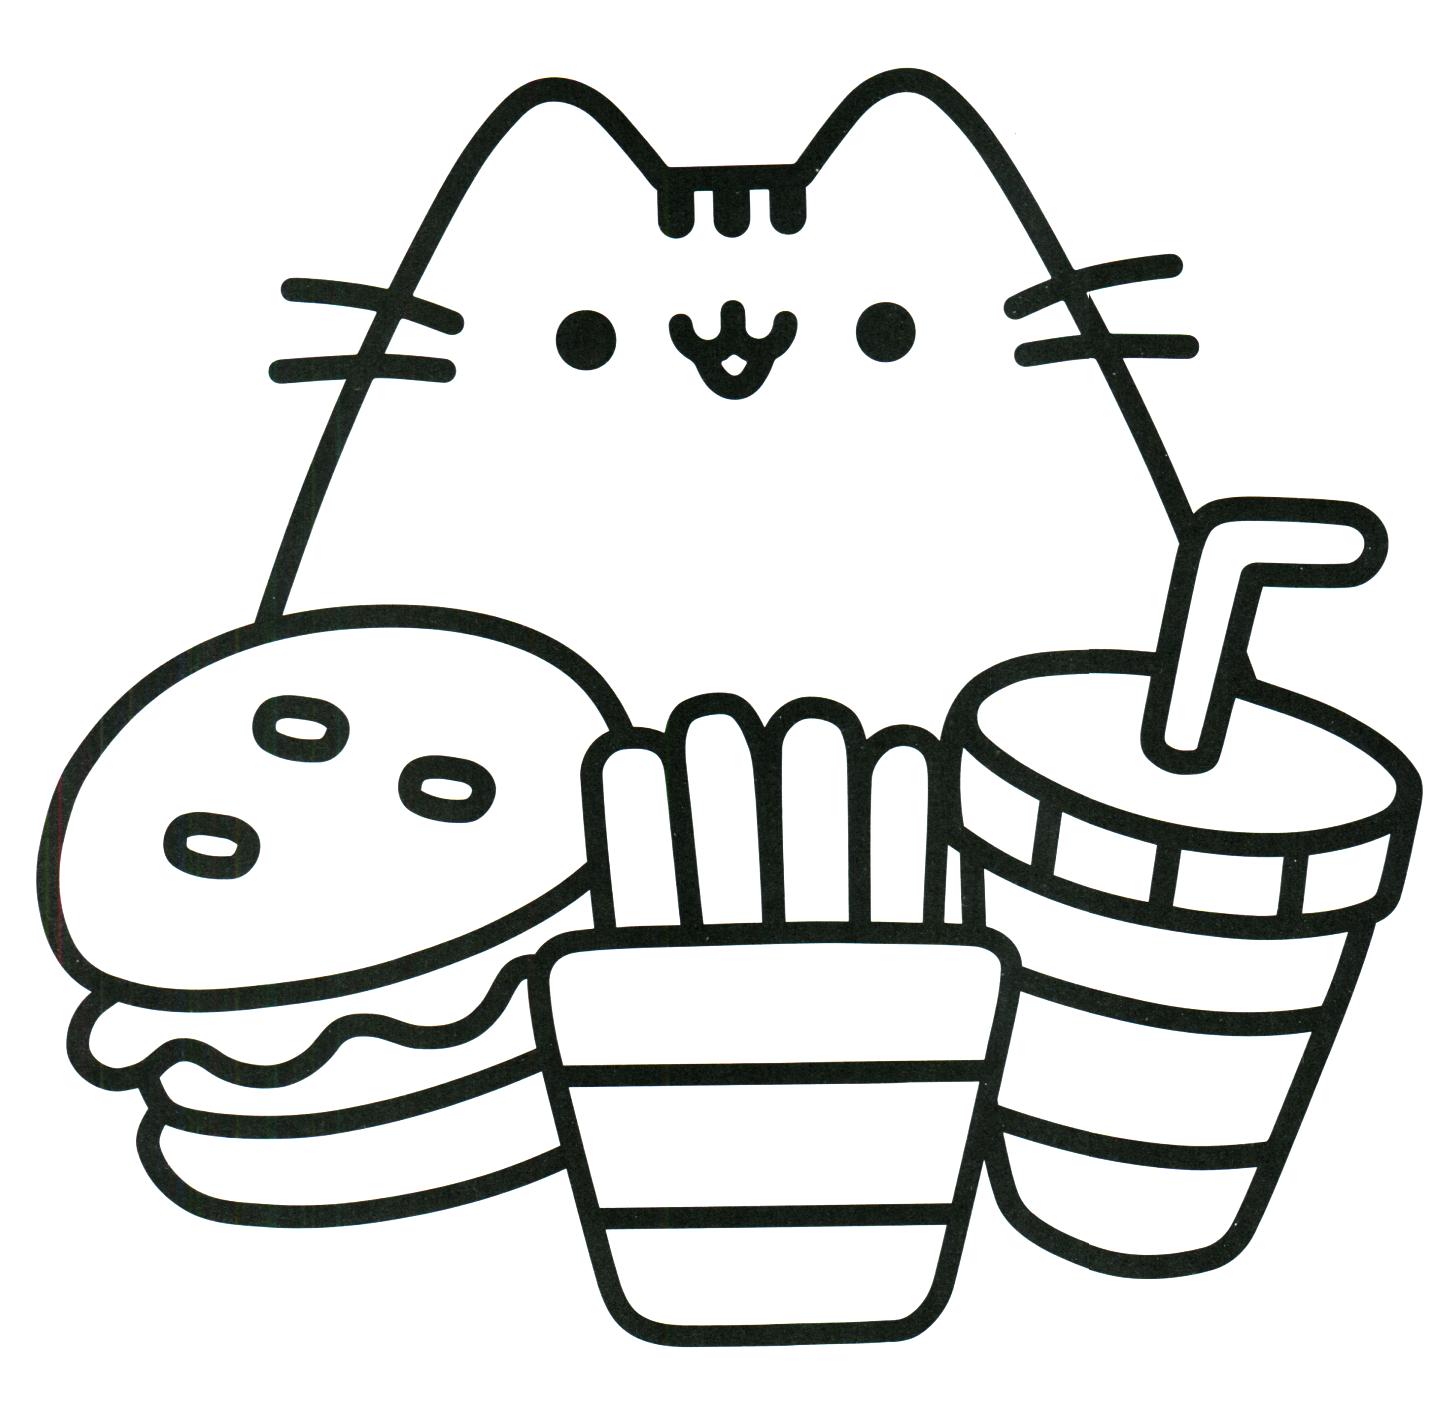 1430x1424 Pusheen Coloring Book Pusheen Pusheen The Cat Pusheen Coloring